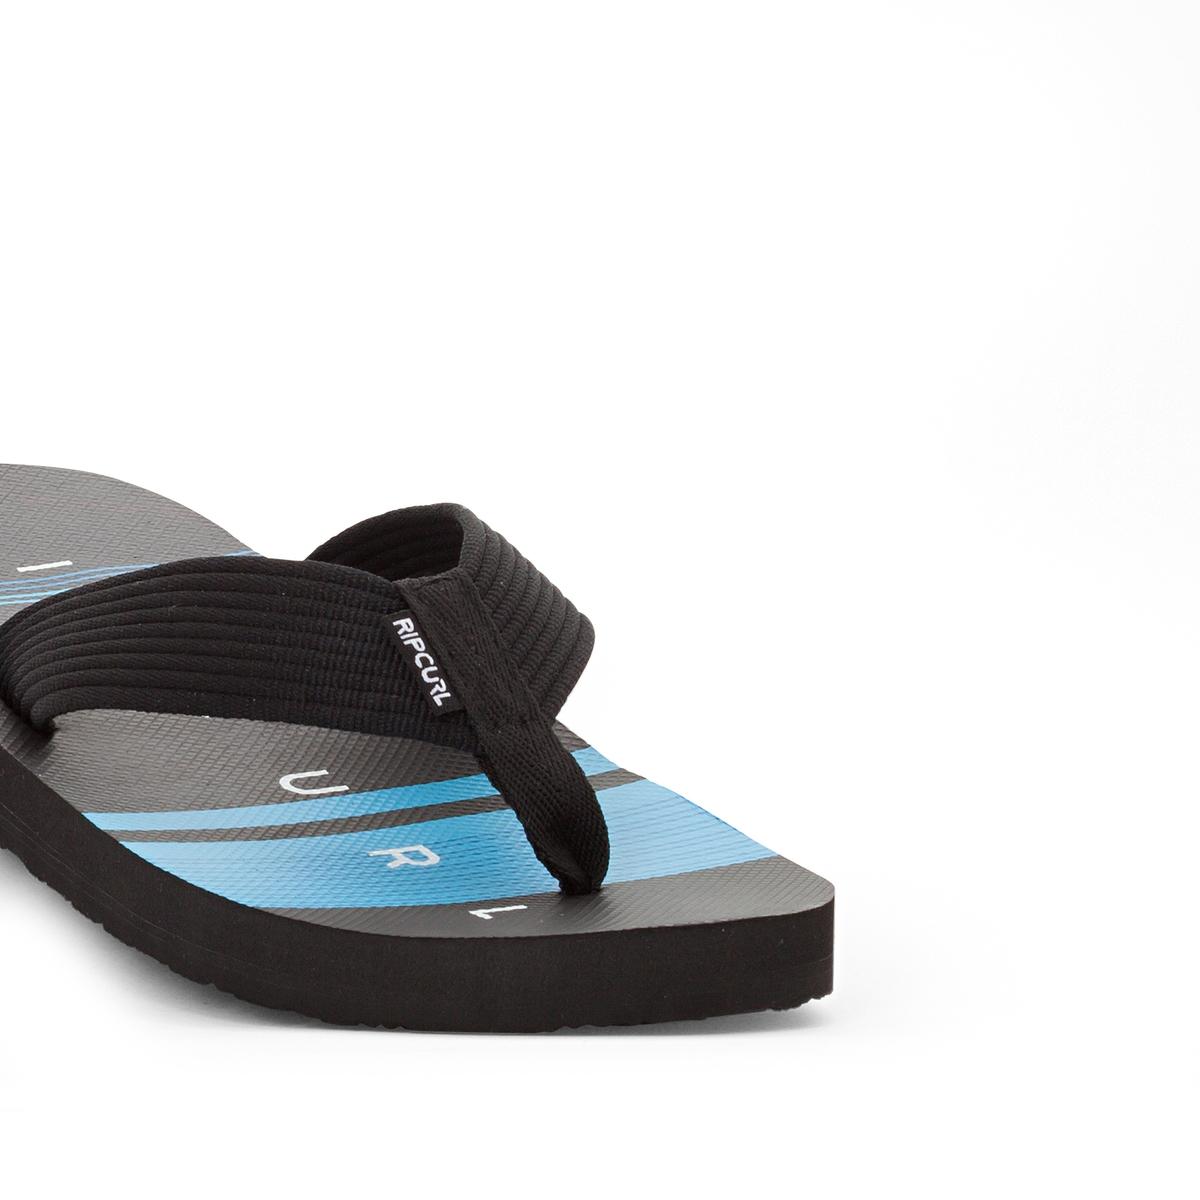 Вьетнамки Bob CushВерх/Голенище : текстиль   Стелька : синтетика   Подошва : каучук   Форма каблука : плоский каблук   Мысок : открытый мысок   Застежка : без застежки<br><br>Цвет: черный/ синий